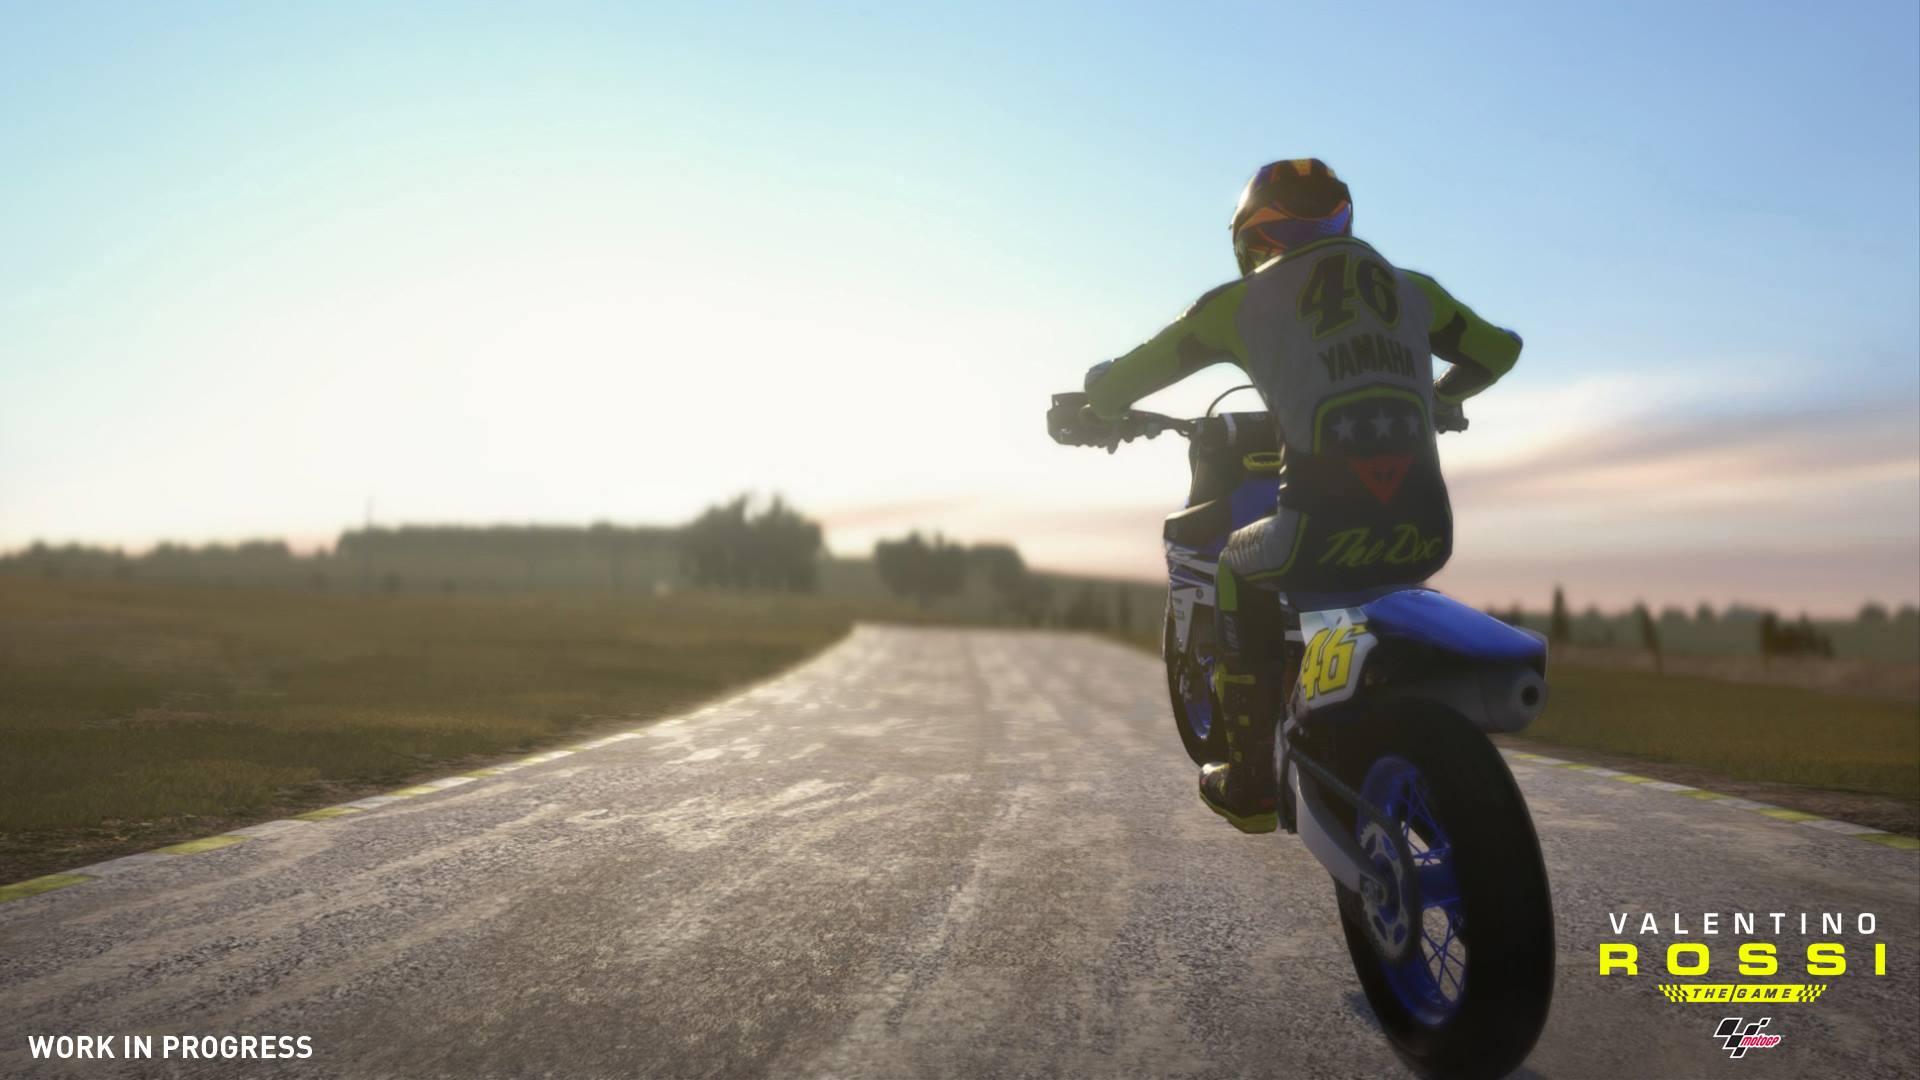 Valentino Rossi: The Game - Videogiocare.it